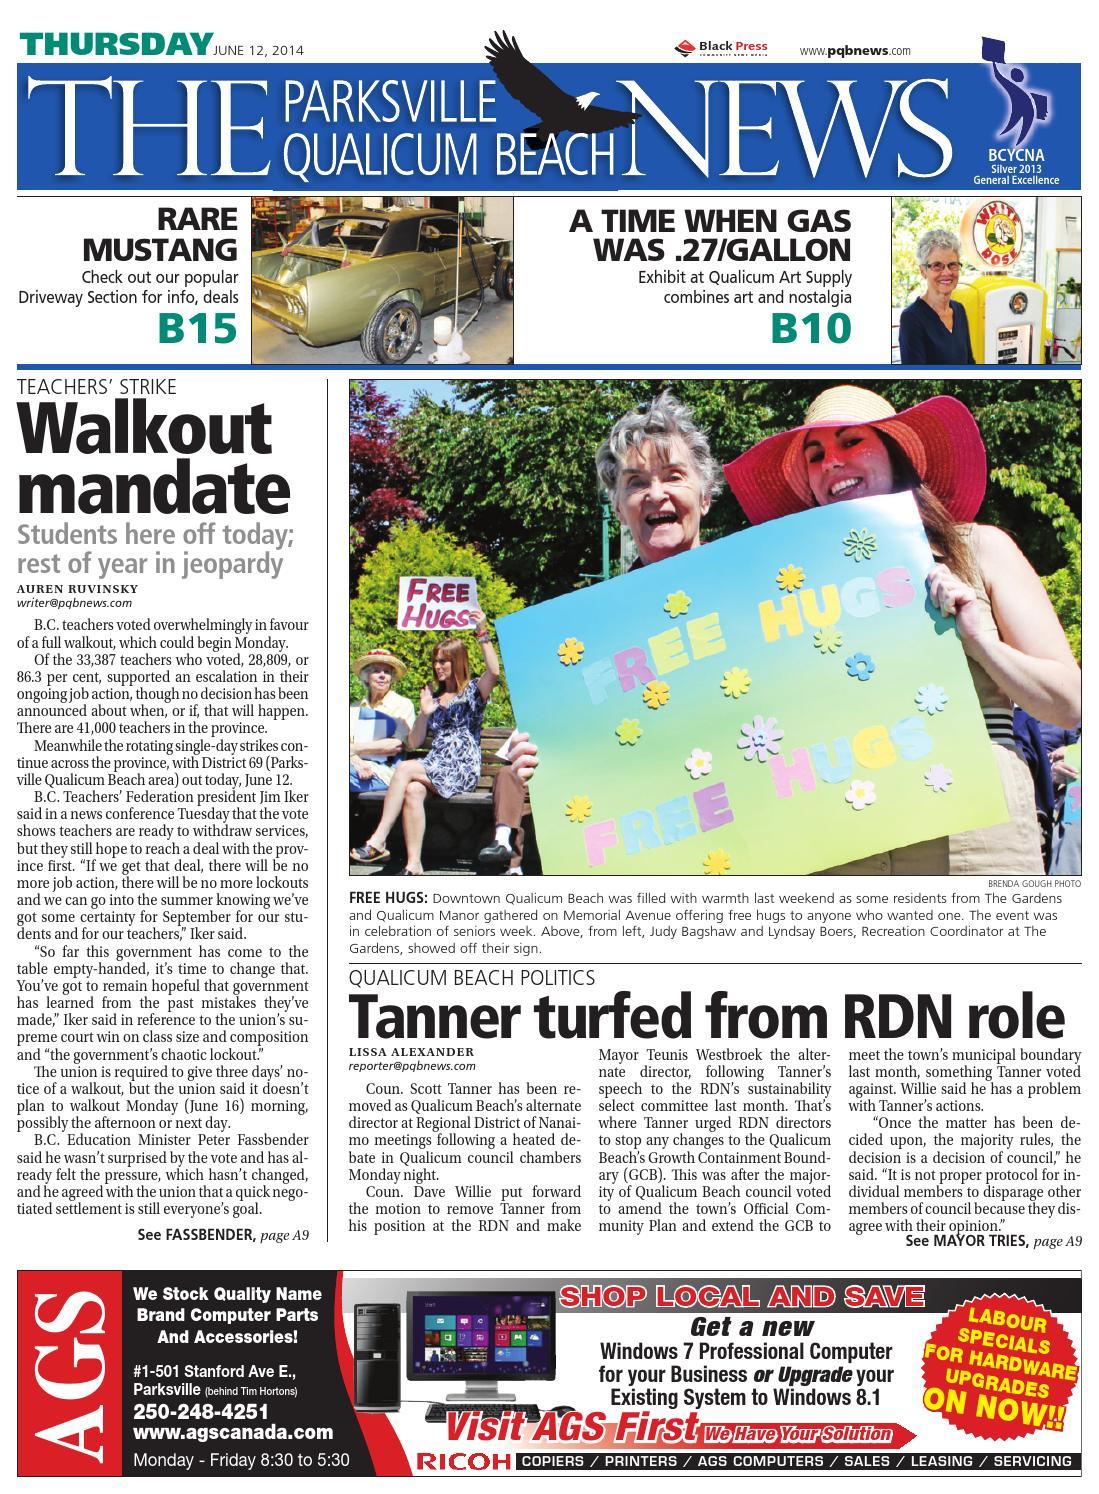 Parksville Qualicum Beach News, June 12, 2014 by Black Press - issuu